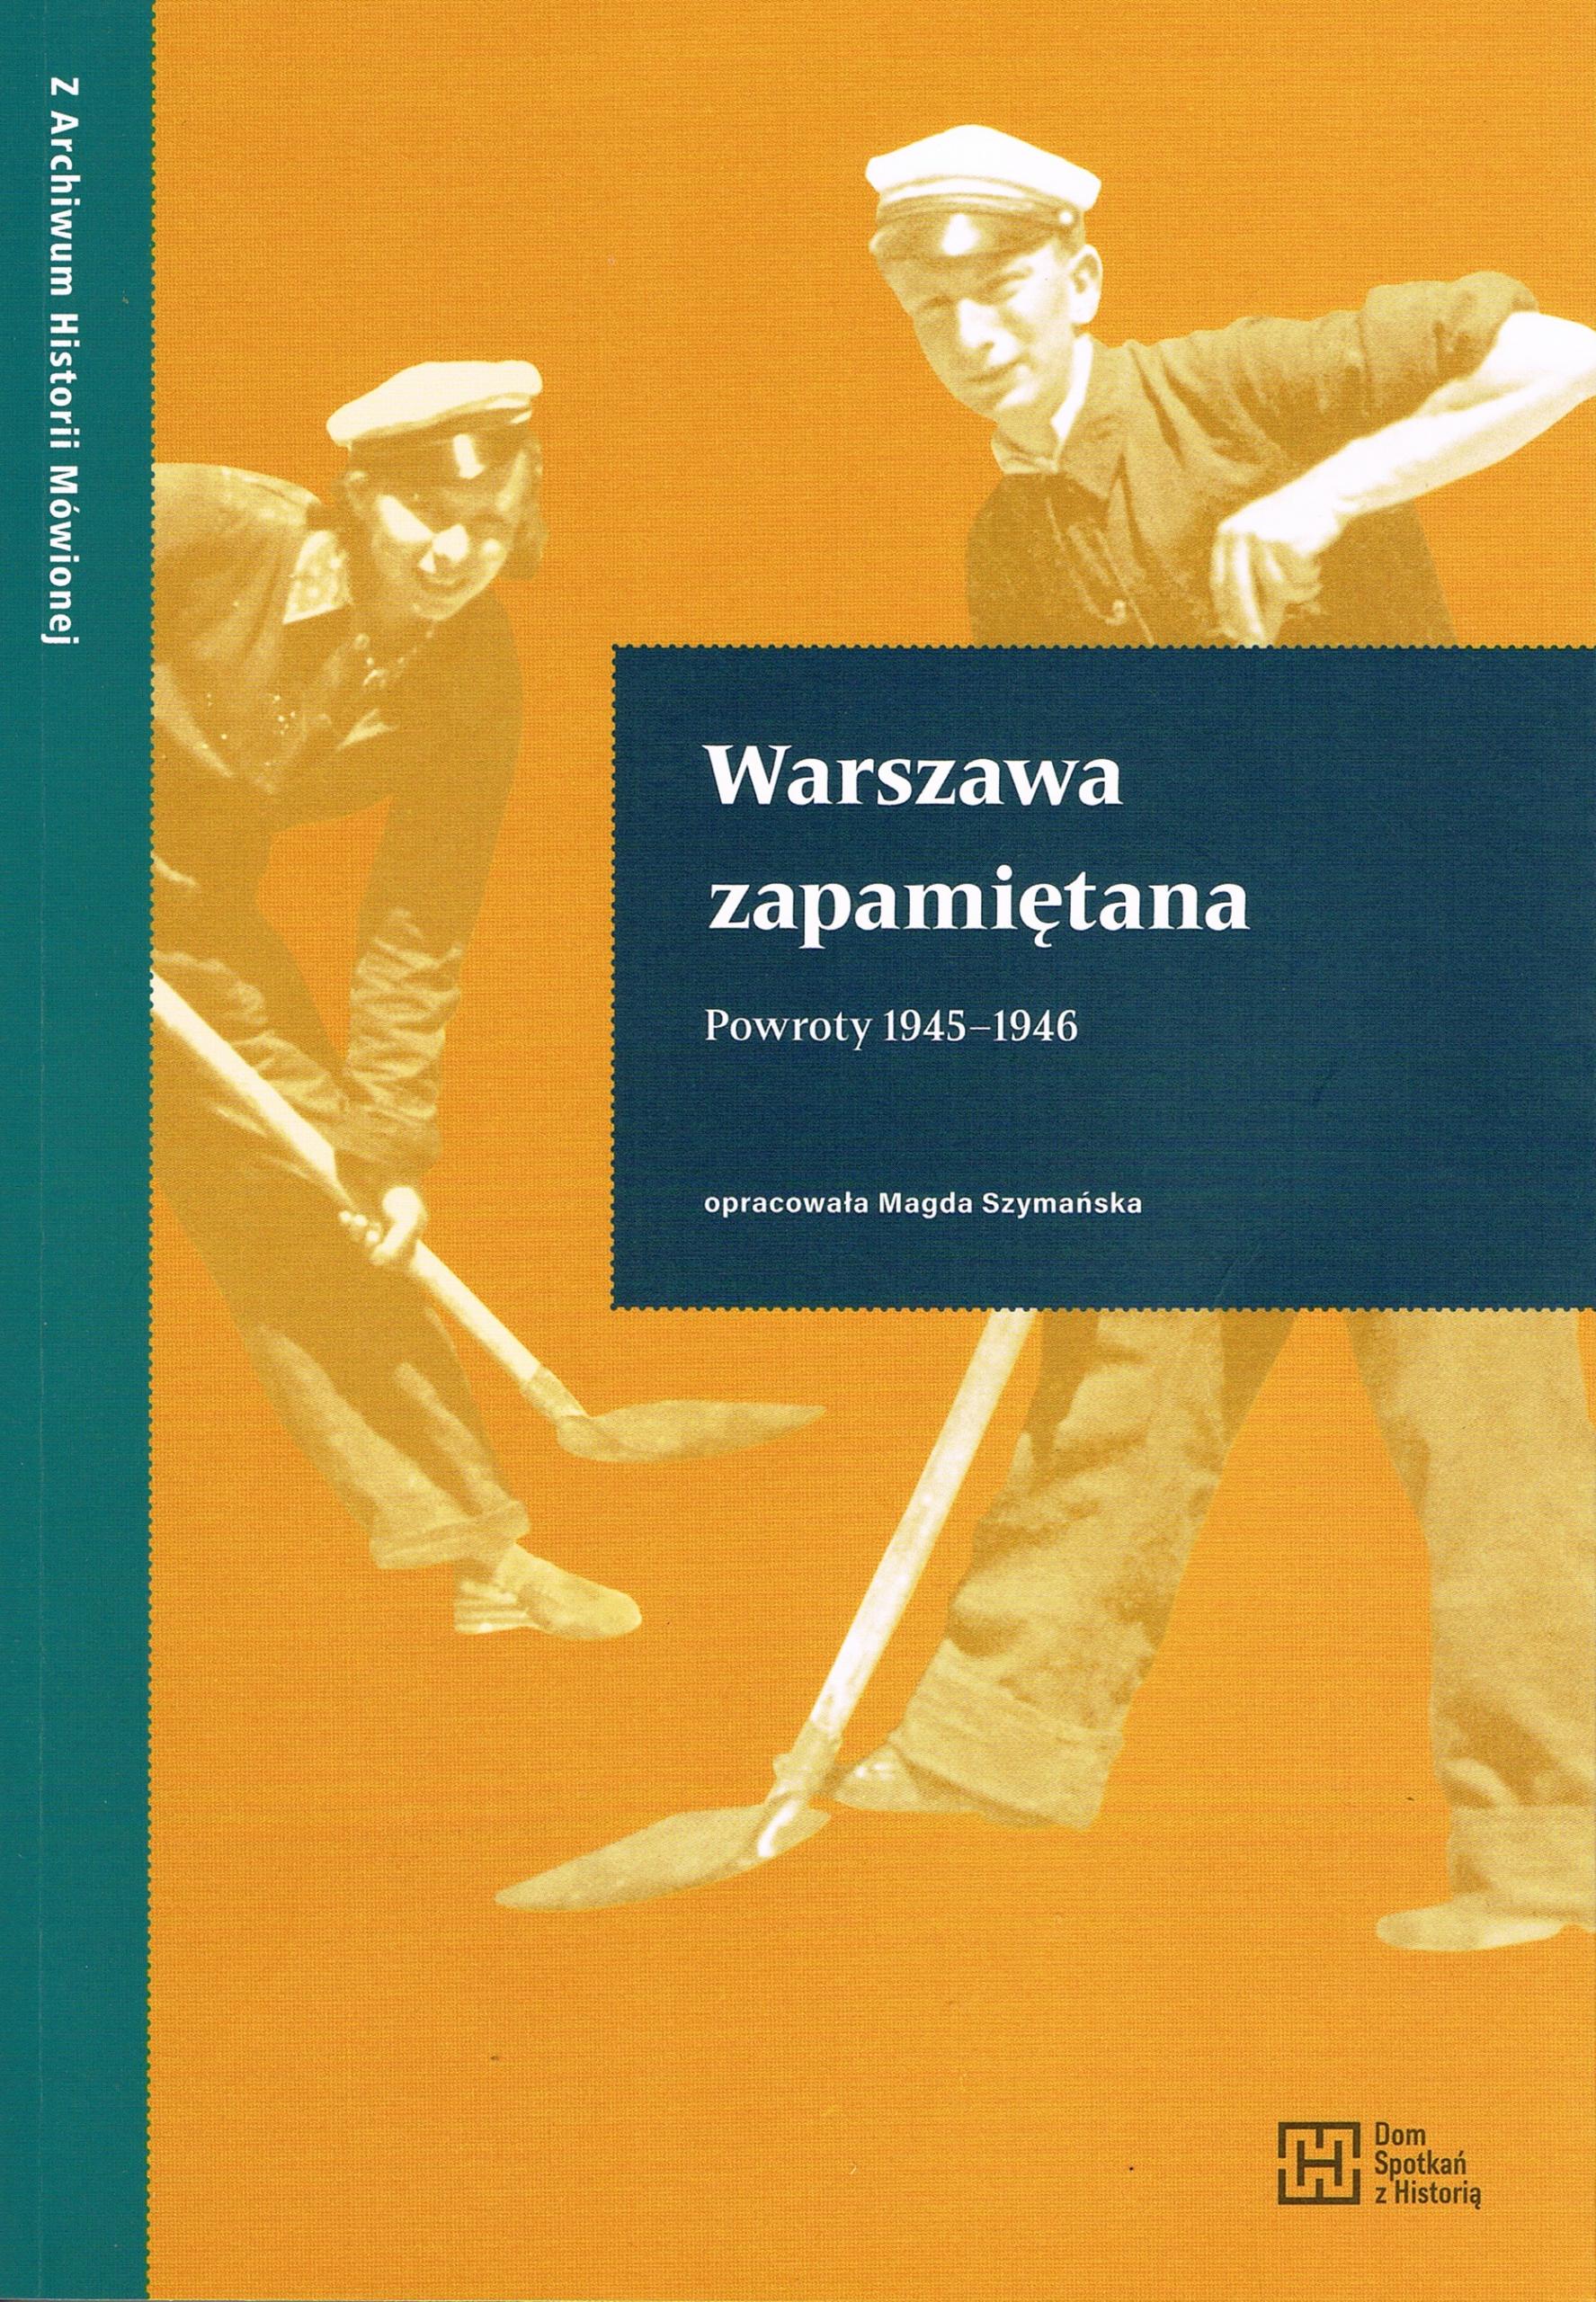 Warszawa zapamiętana Powroty 1945-1946 (opr.M.Szymańska)